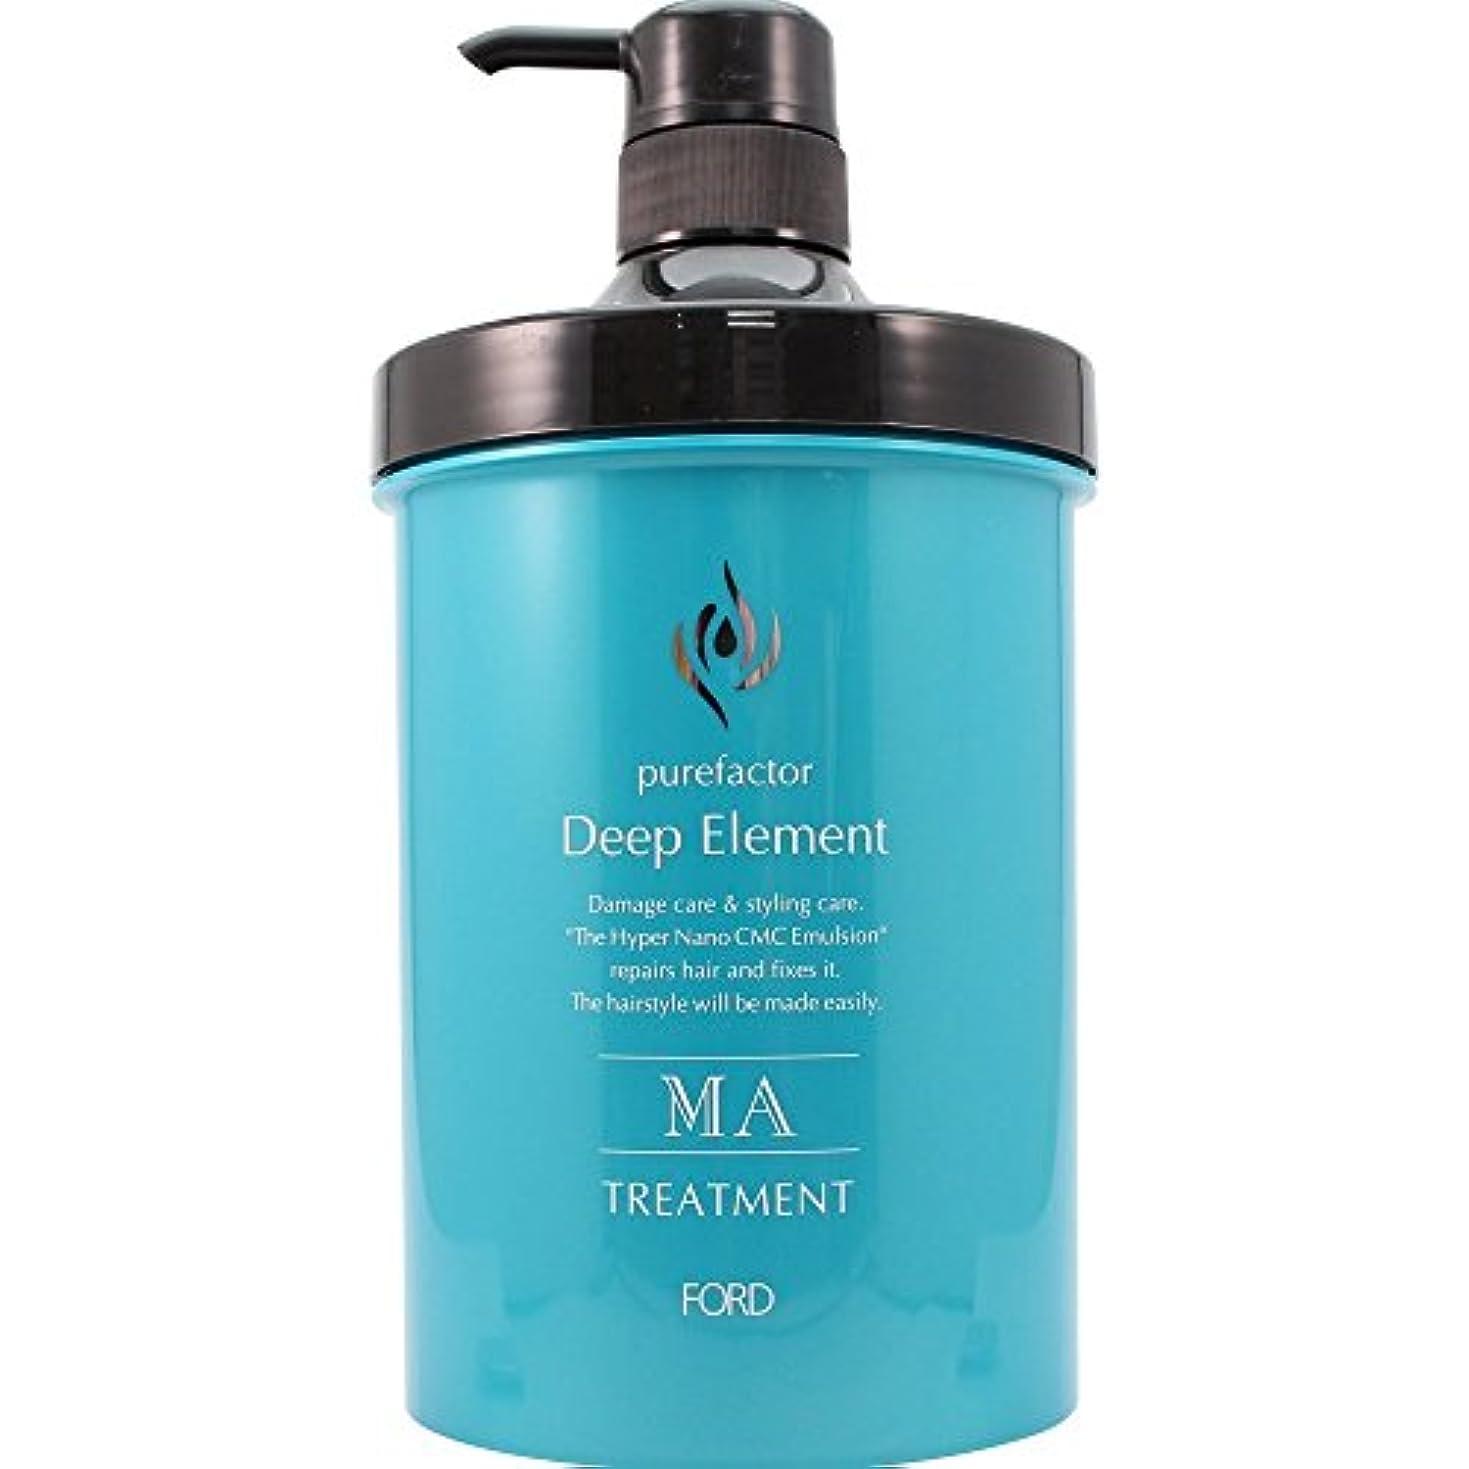 マディソン剣ヘアフォードヘア化粧品 ディープエレメント MA ヘアトリートメント 950g